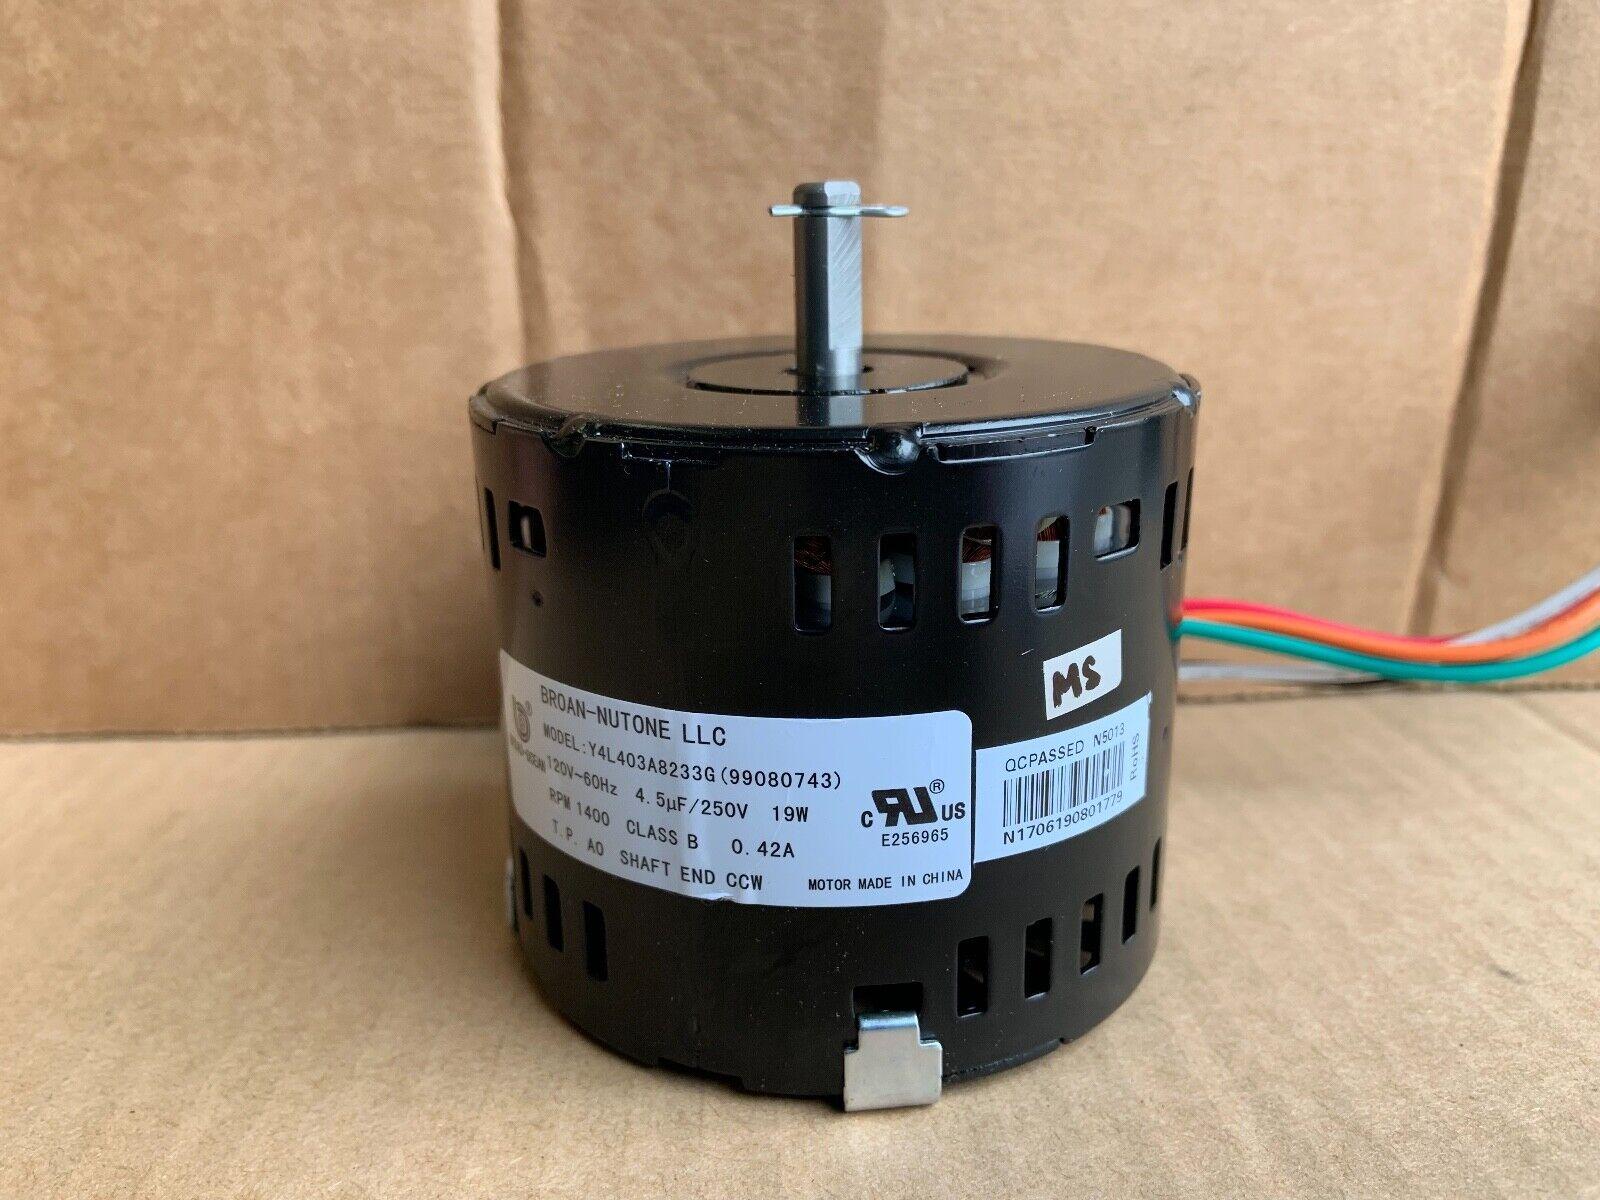 Broan Nutone Replacement Blower Fan Motor Y4L403A8233G 99080743 - $29.95